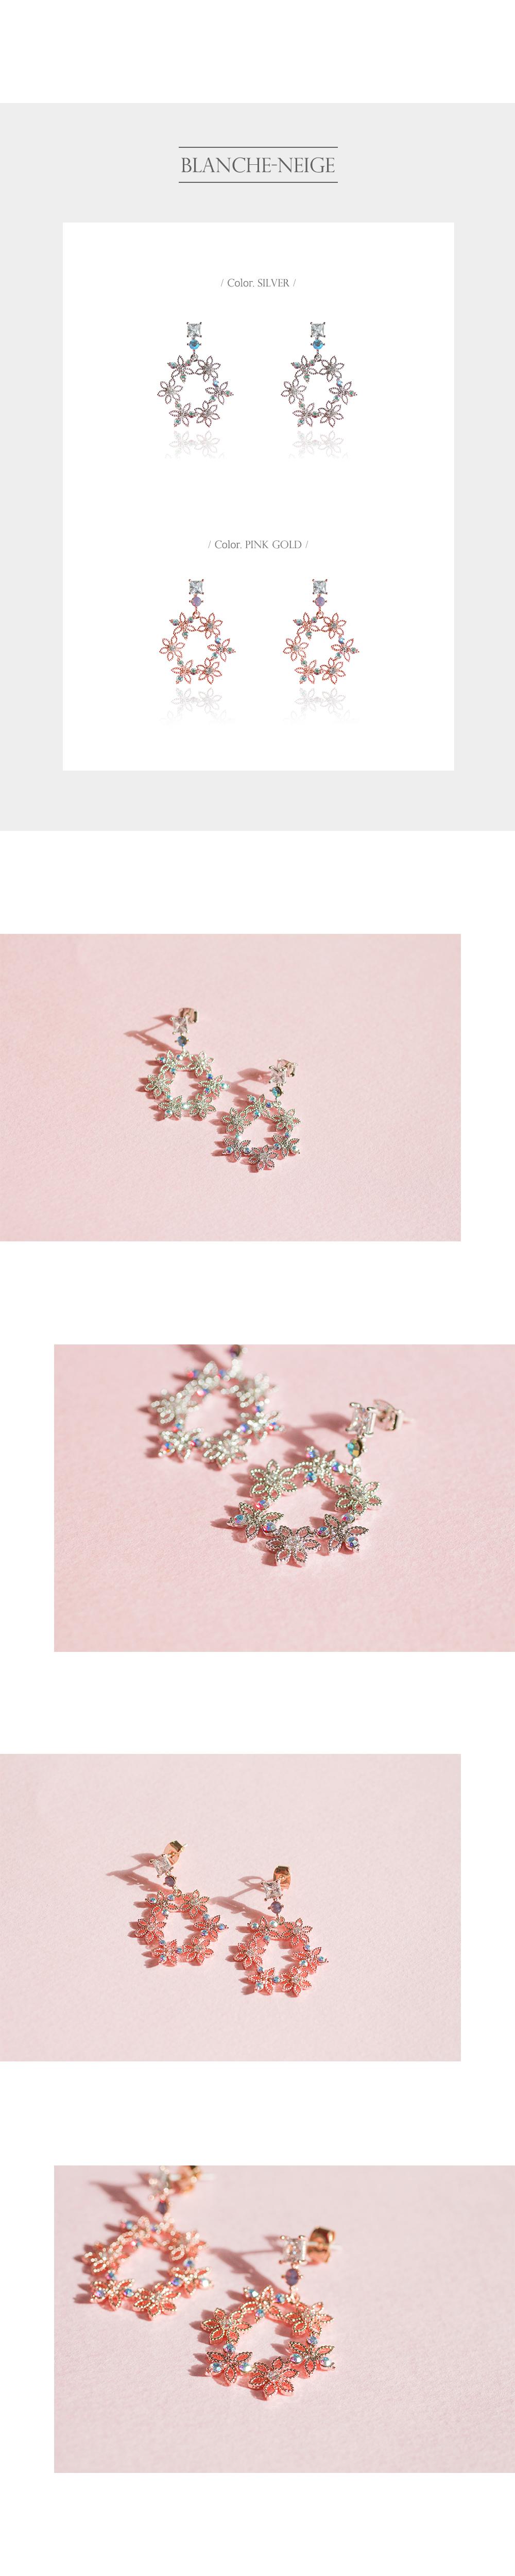 블랑슈네쥬 귀걸이 귀찌 - 에르모사 스타일, 15,500원, 실버, 드롭귀걸이